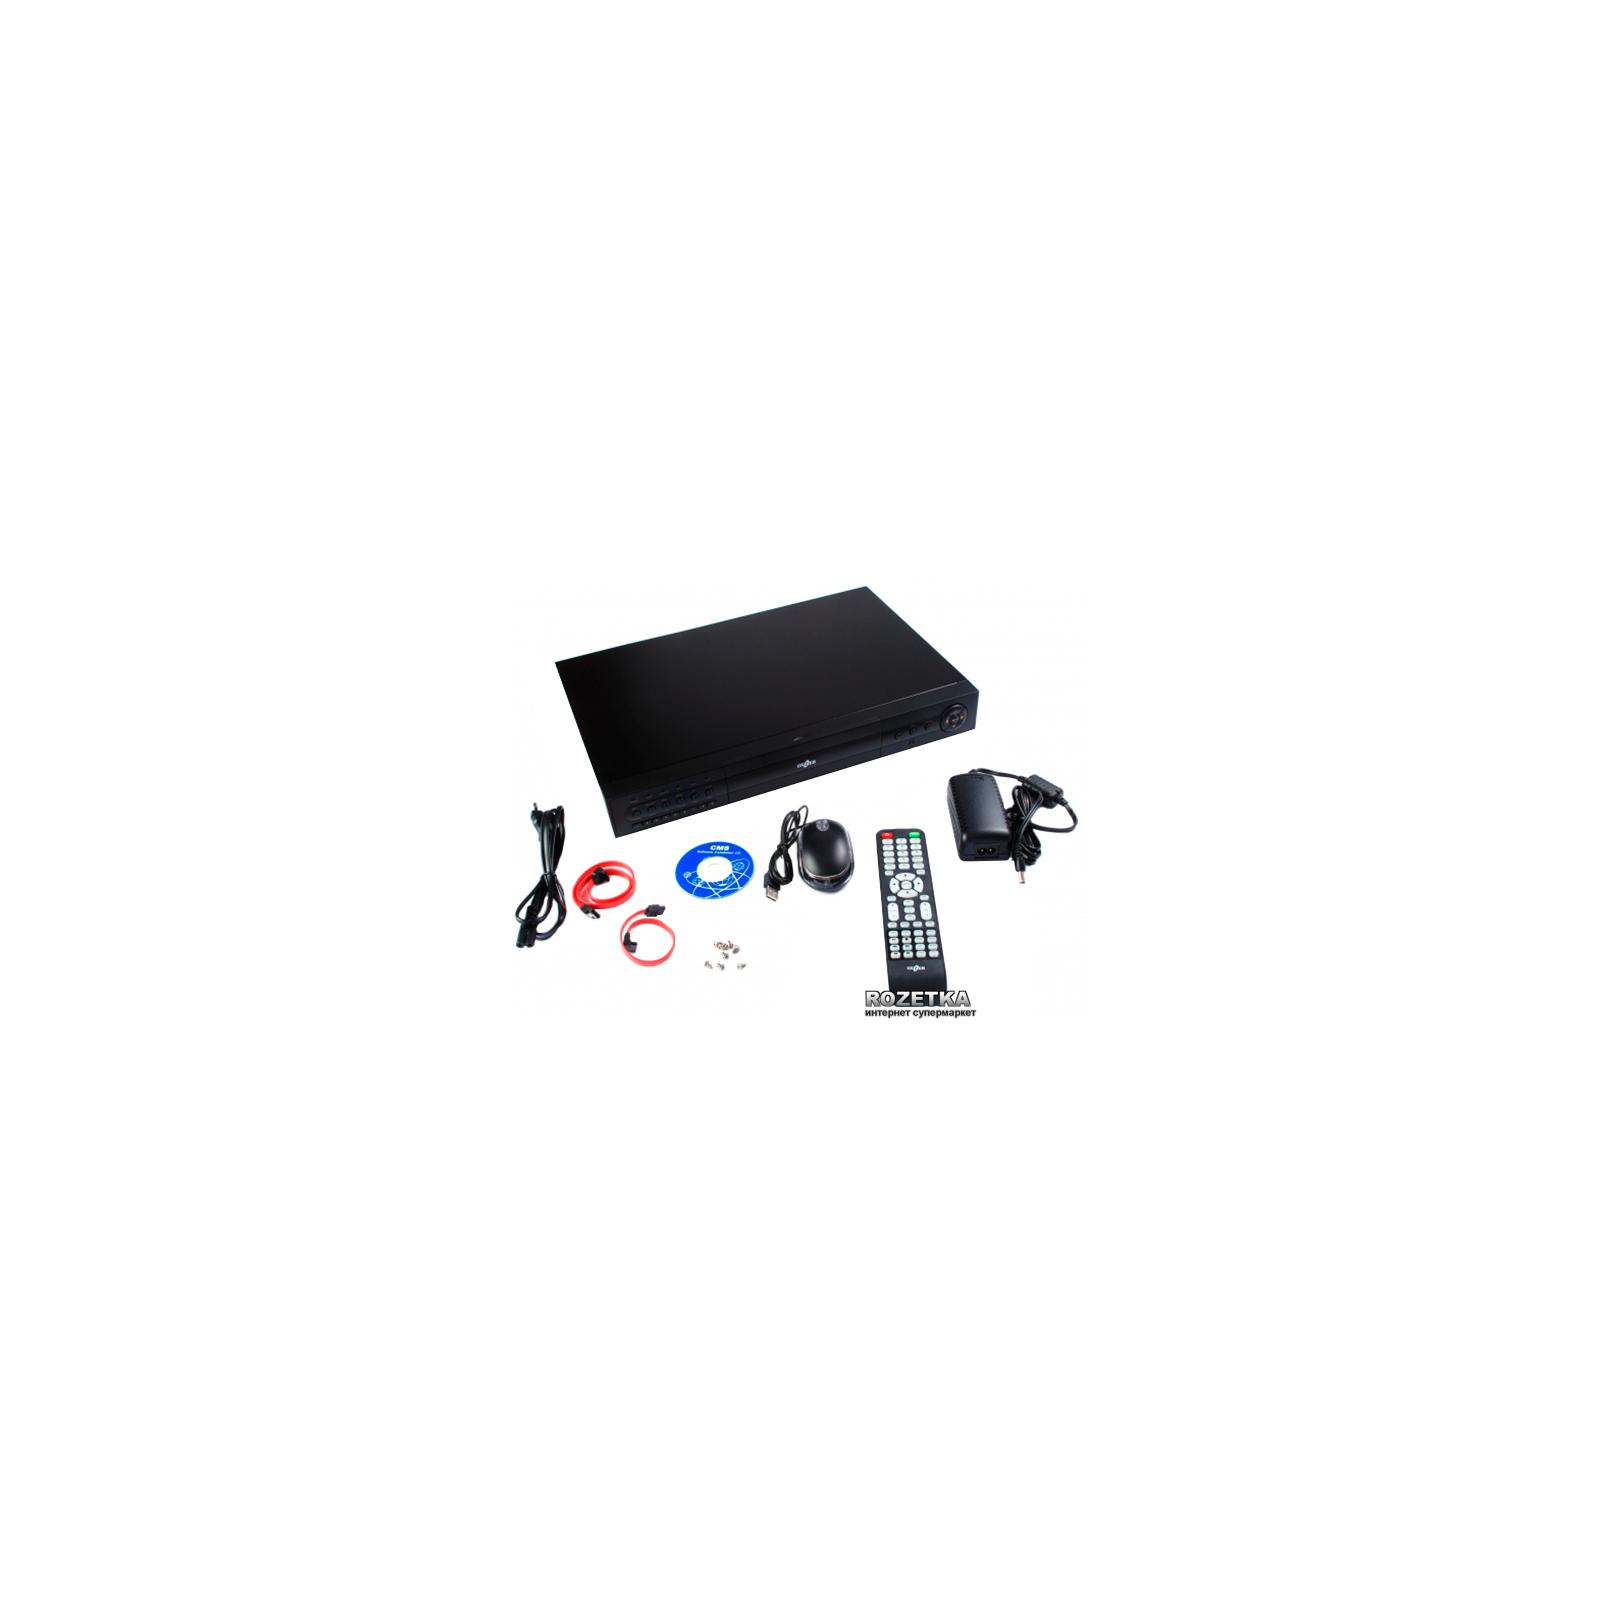 Регистратор для видеонаблюдения Gazer NS2208re изображение 5